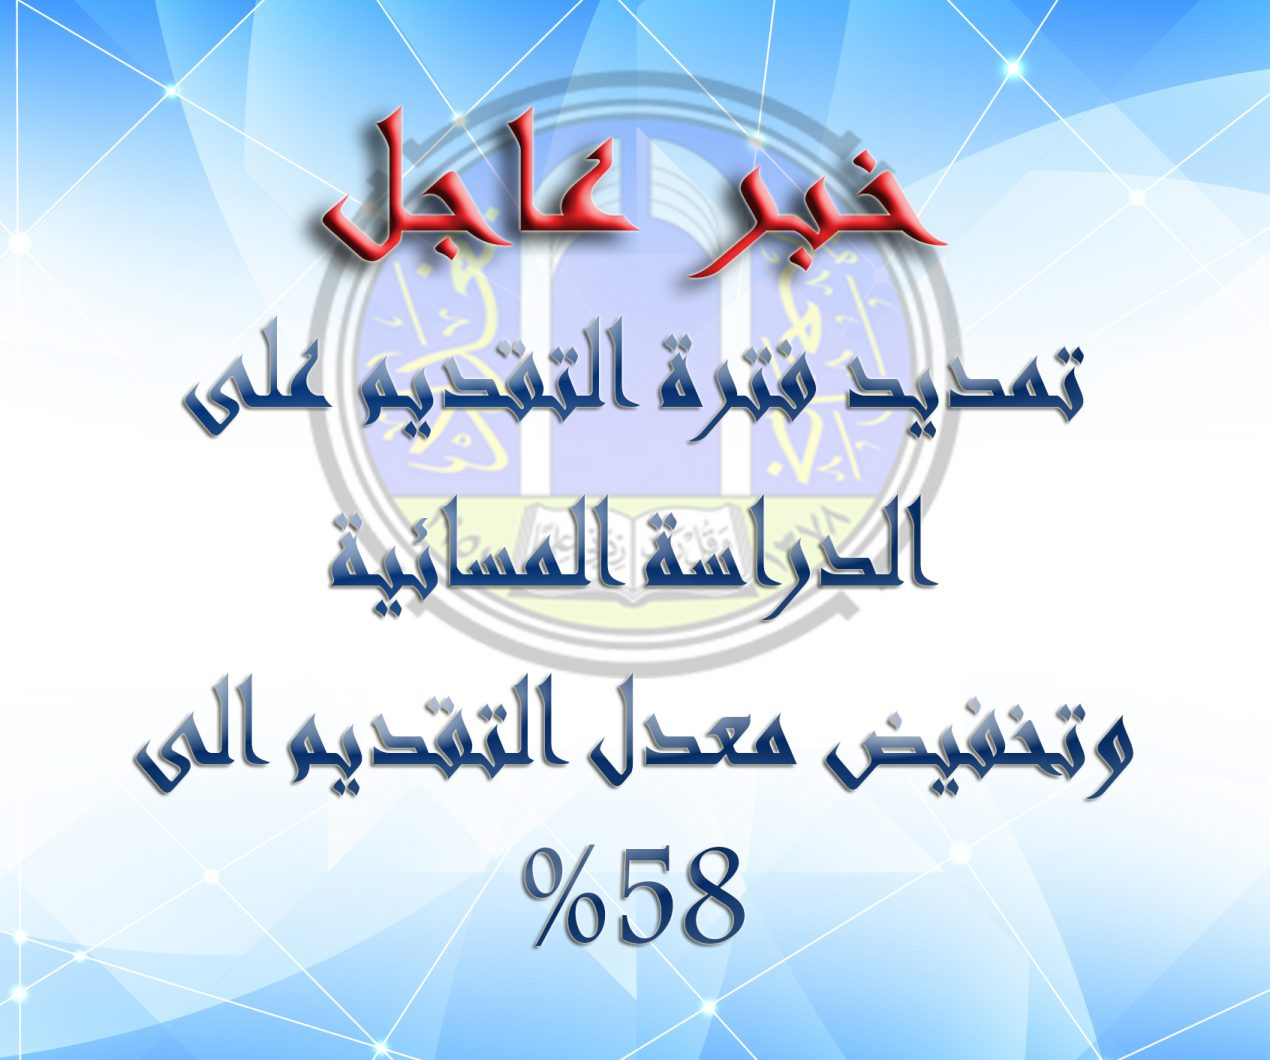 تمديد فترة التقديم على الدراسة المسائية في كليات جامعة بغداد وتخفيض معدل التقديم الى  %58